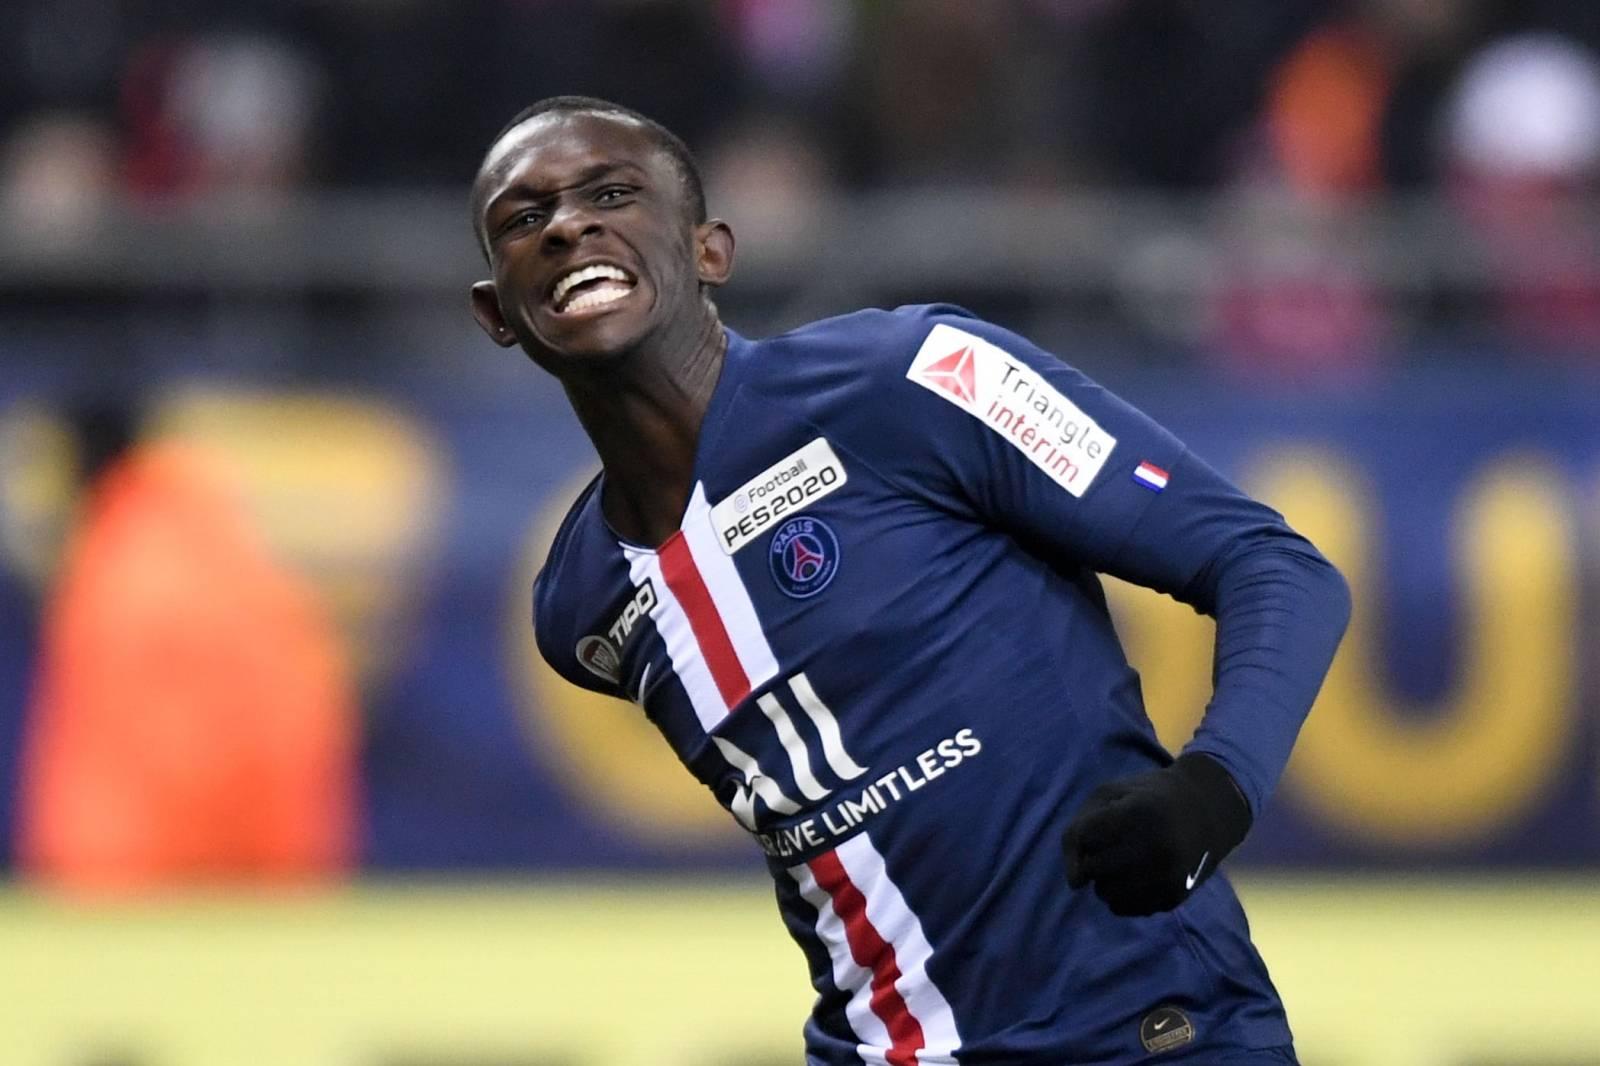 """Demi-finale de la Coupe de la Ligue 2019-2020 """"Reims - PSG (0-3)"""" au Stade Auguste-Delaune à Reims"""